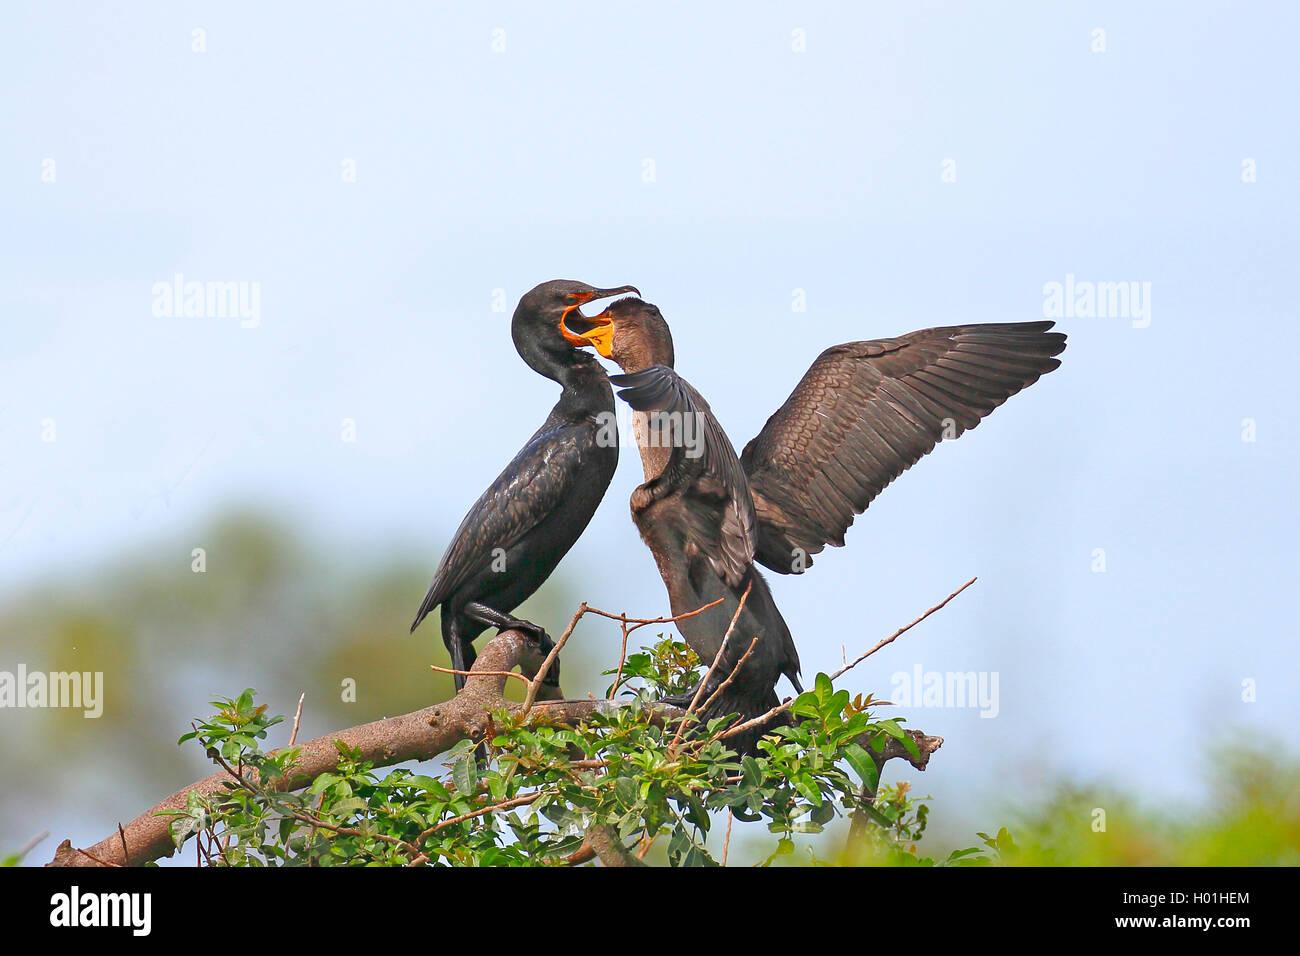 Ohrenscharbe, Ohren-Scharbe (Phalacrocorax auritus), Altvogel fuettert Jungvogel, USA, Florida, Venice | double - Stock Image